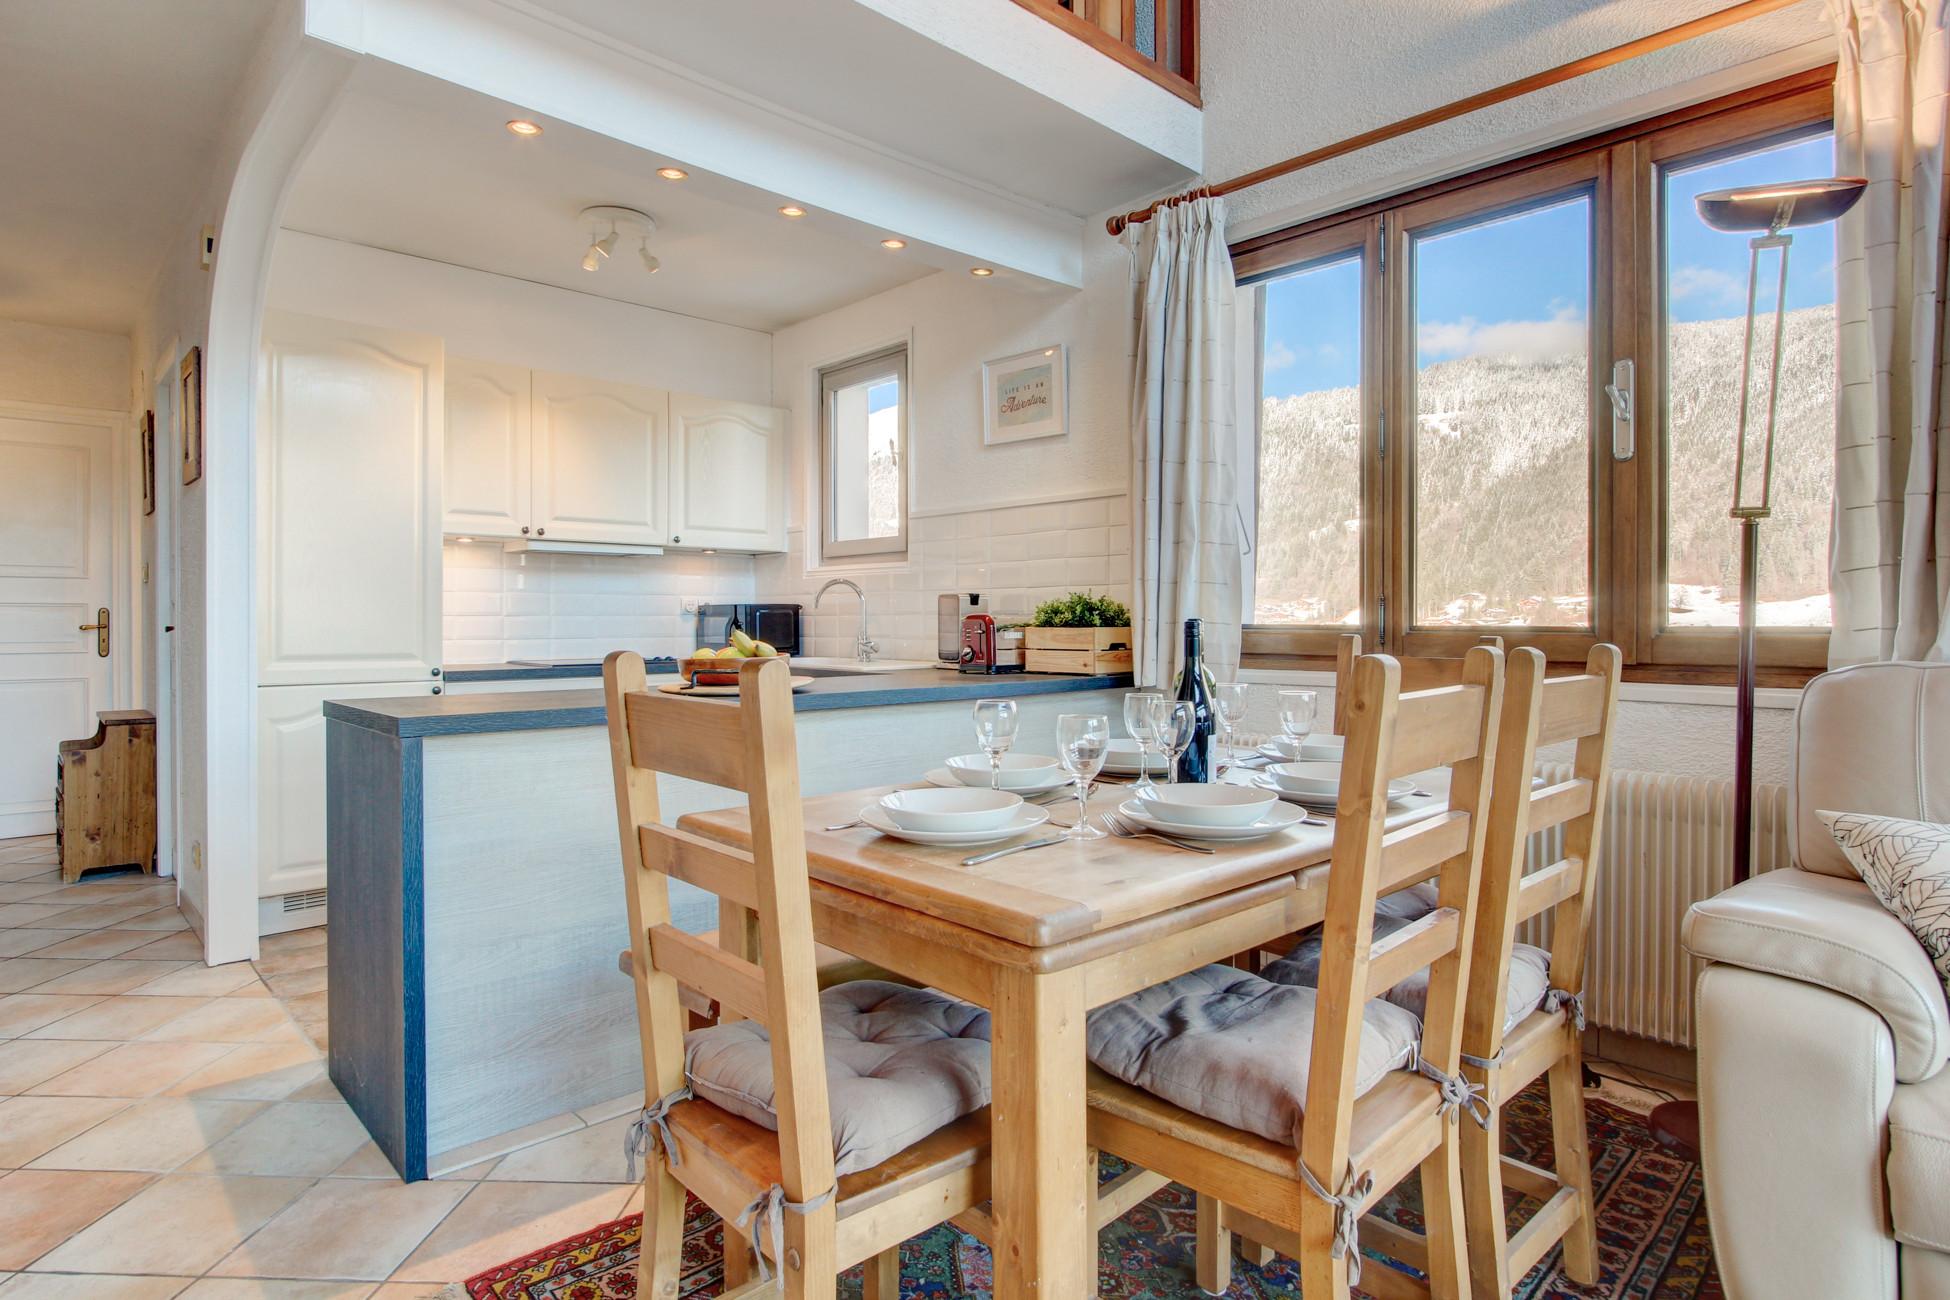 Le Pleney - Apartments in Morzine